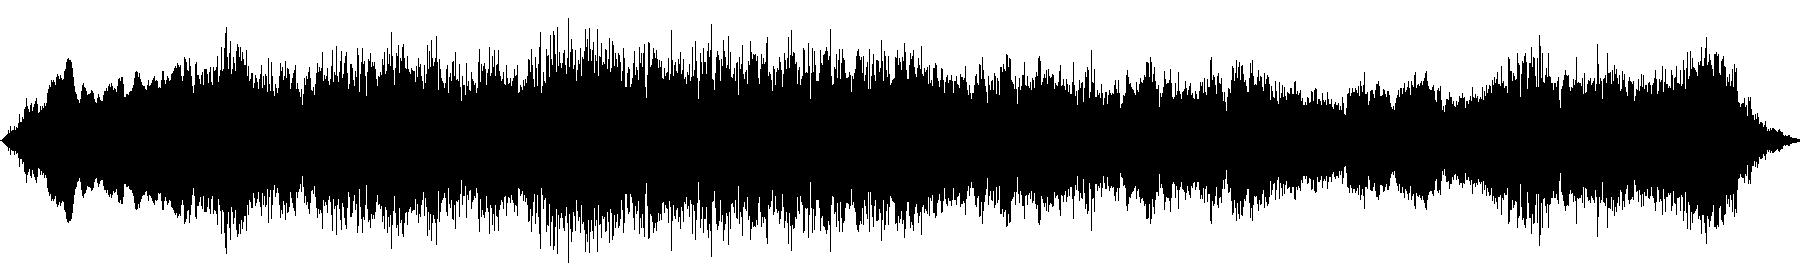 shs ch musicloop 125 strings2 gm